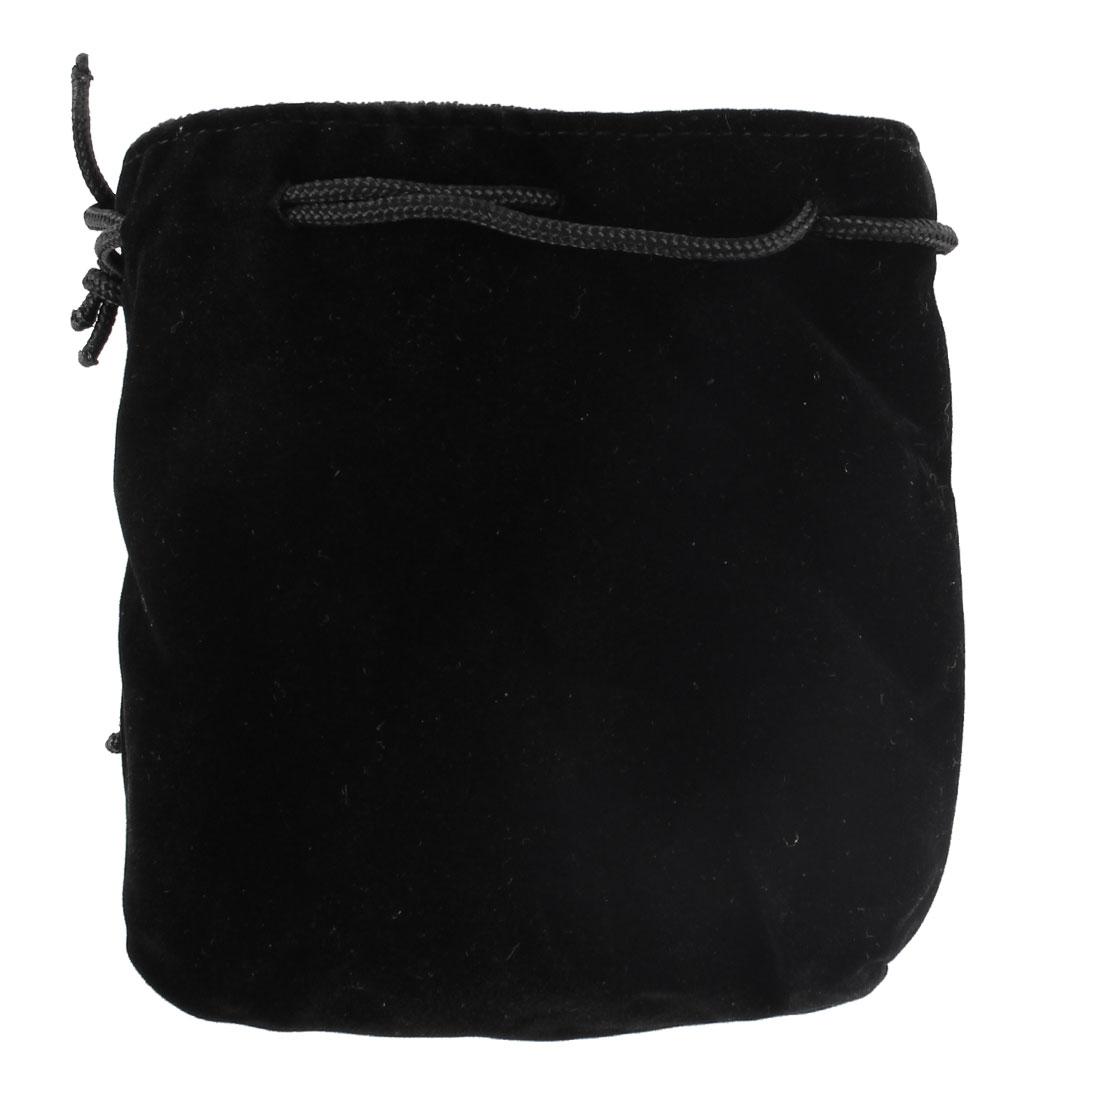 Portable Plush Lining Black Velvet Camera Lens Holder Pouch Case